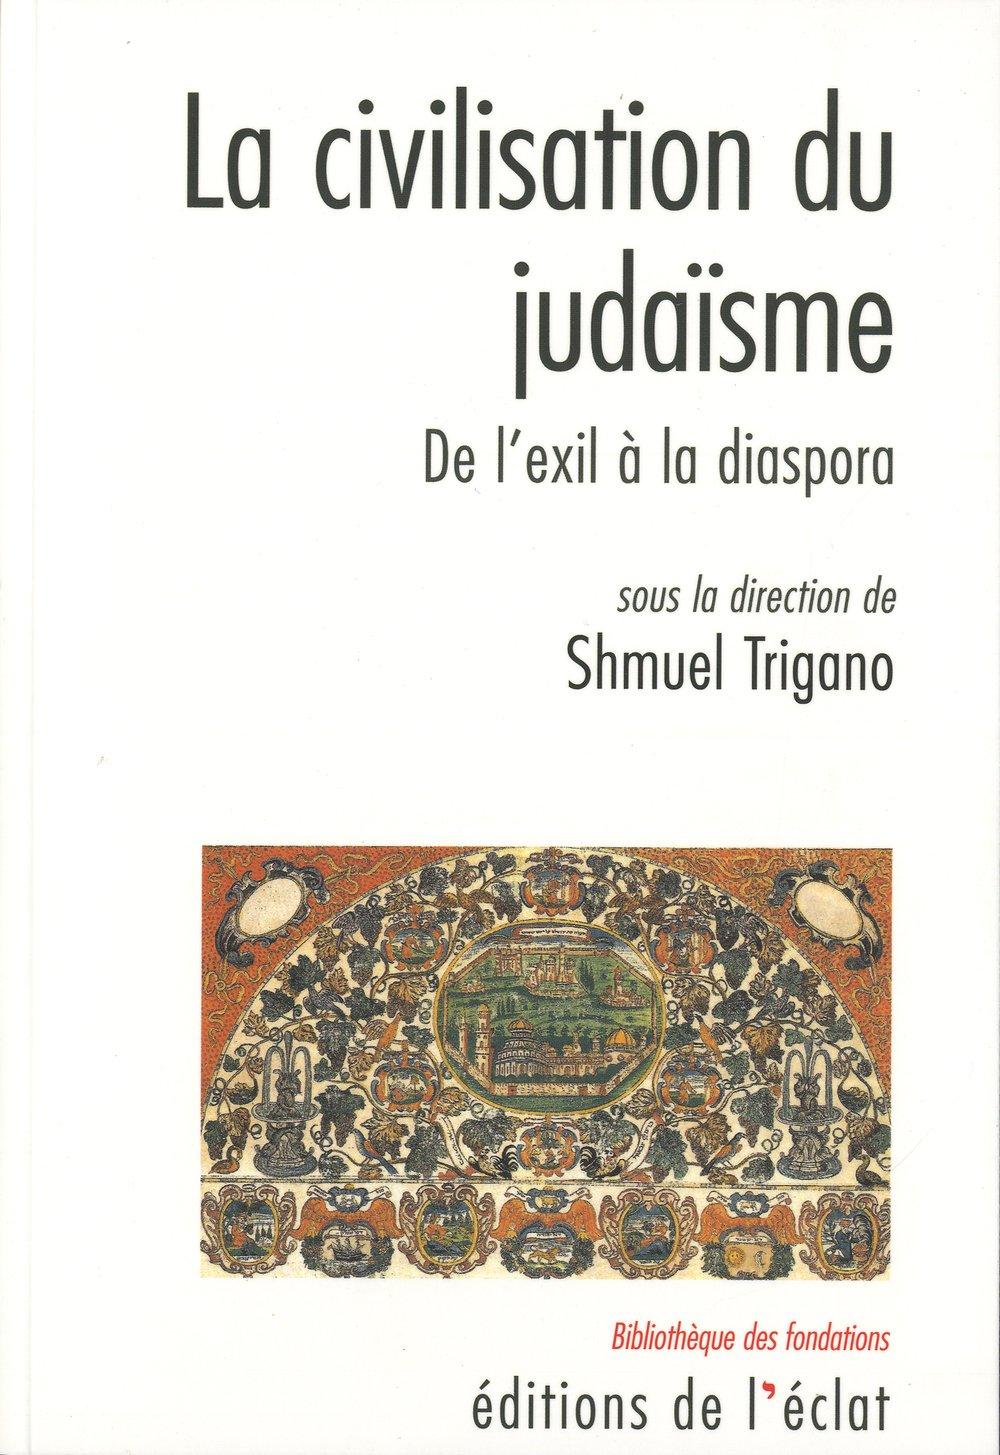 La civilisation de la Bible sous la direction de Shmuel Trigano